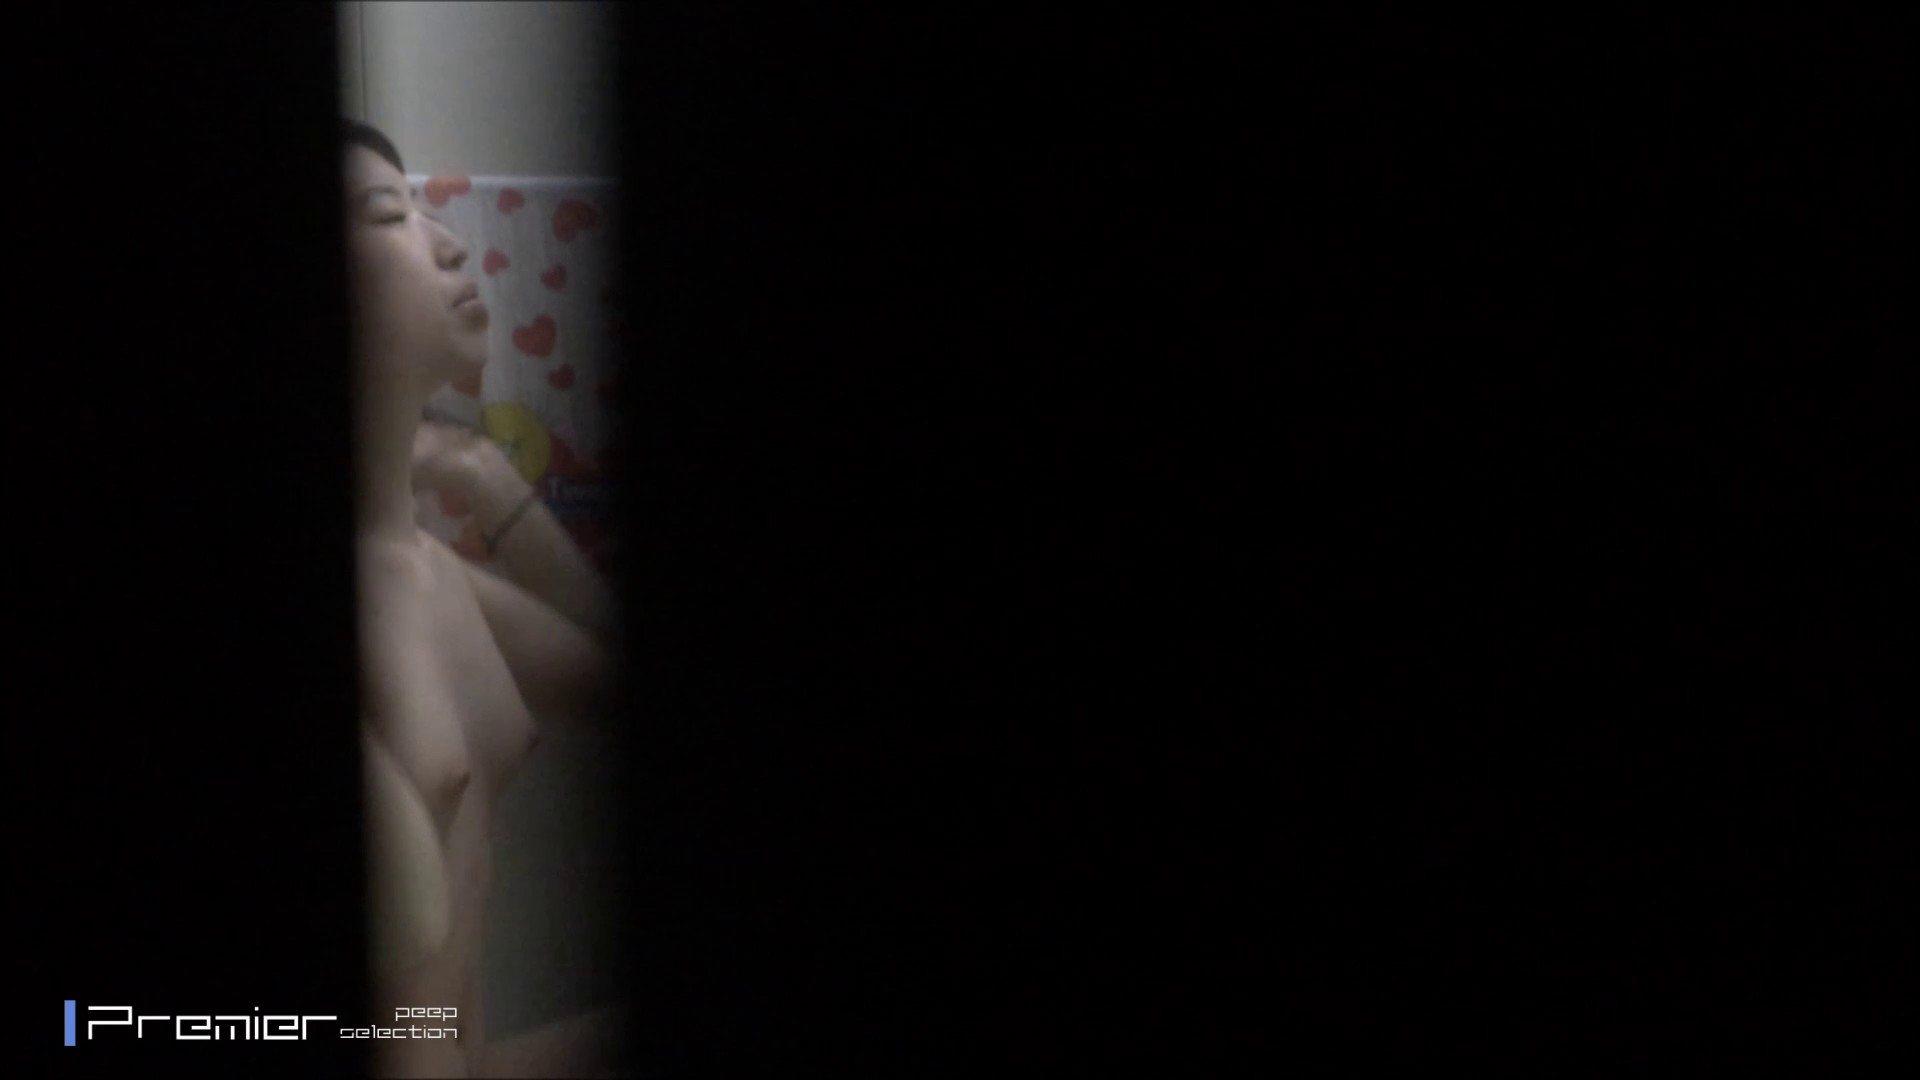 笑顔のスポーツ美女 乙女の風呂場 Vol.23 美乳 AV動画キャプチャ 105画像 31